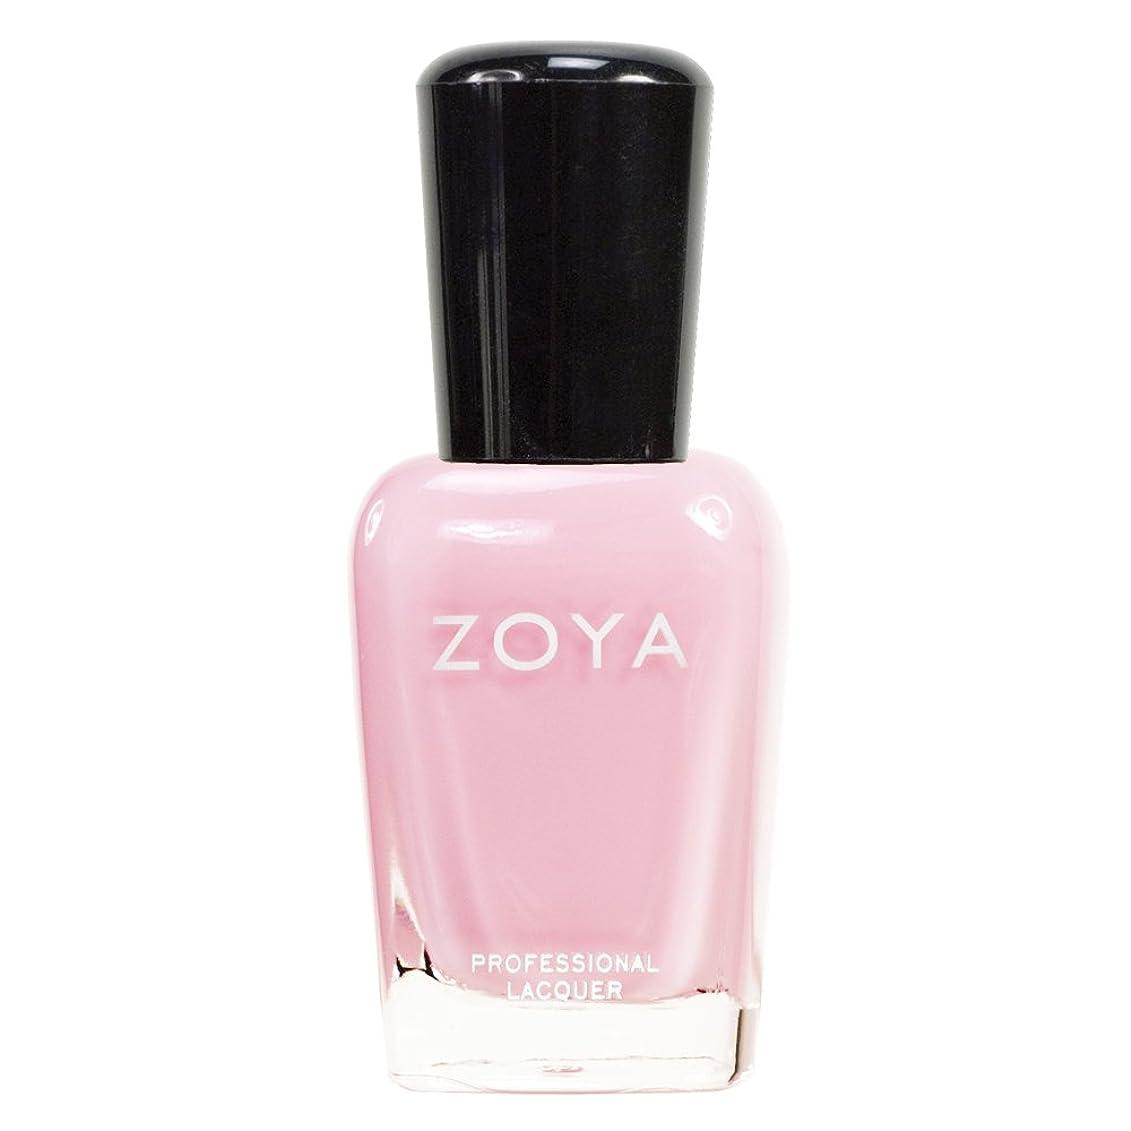 誠実さ経済的以上ZOYA ゾーヤ ネイルカラーZP315 BELA ベラ 15ml 淡く優しいクリーミーなピンク マット 爪にやさしいネイルラッカーマニキュア